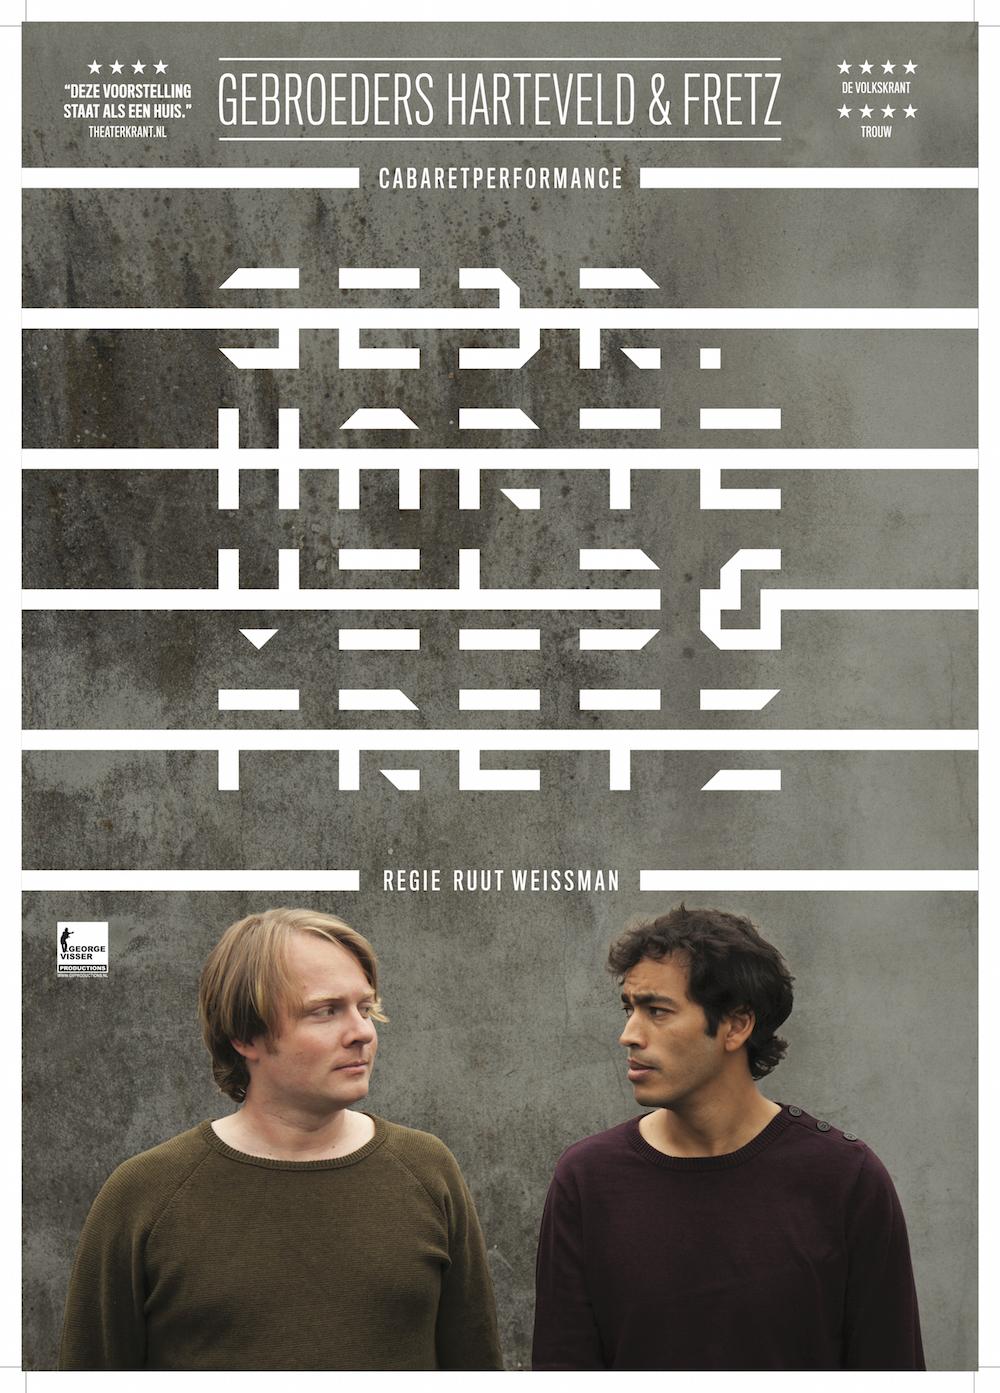 harteveld-fretz-theatertour-poster-fotografie